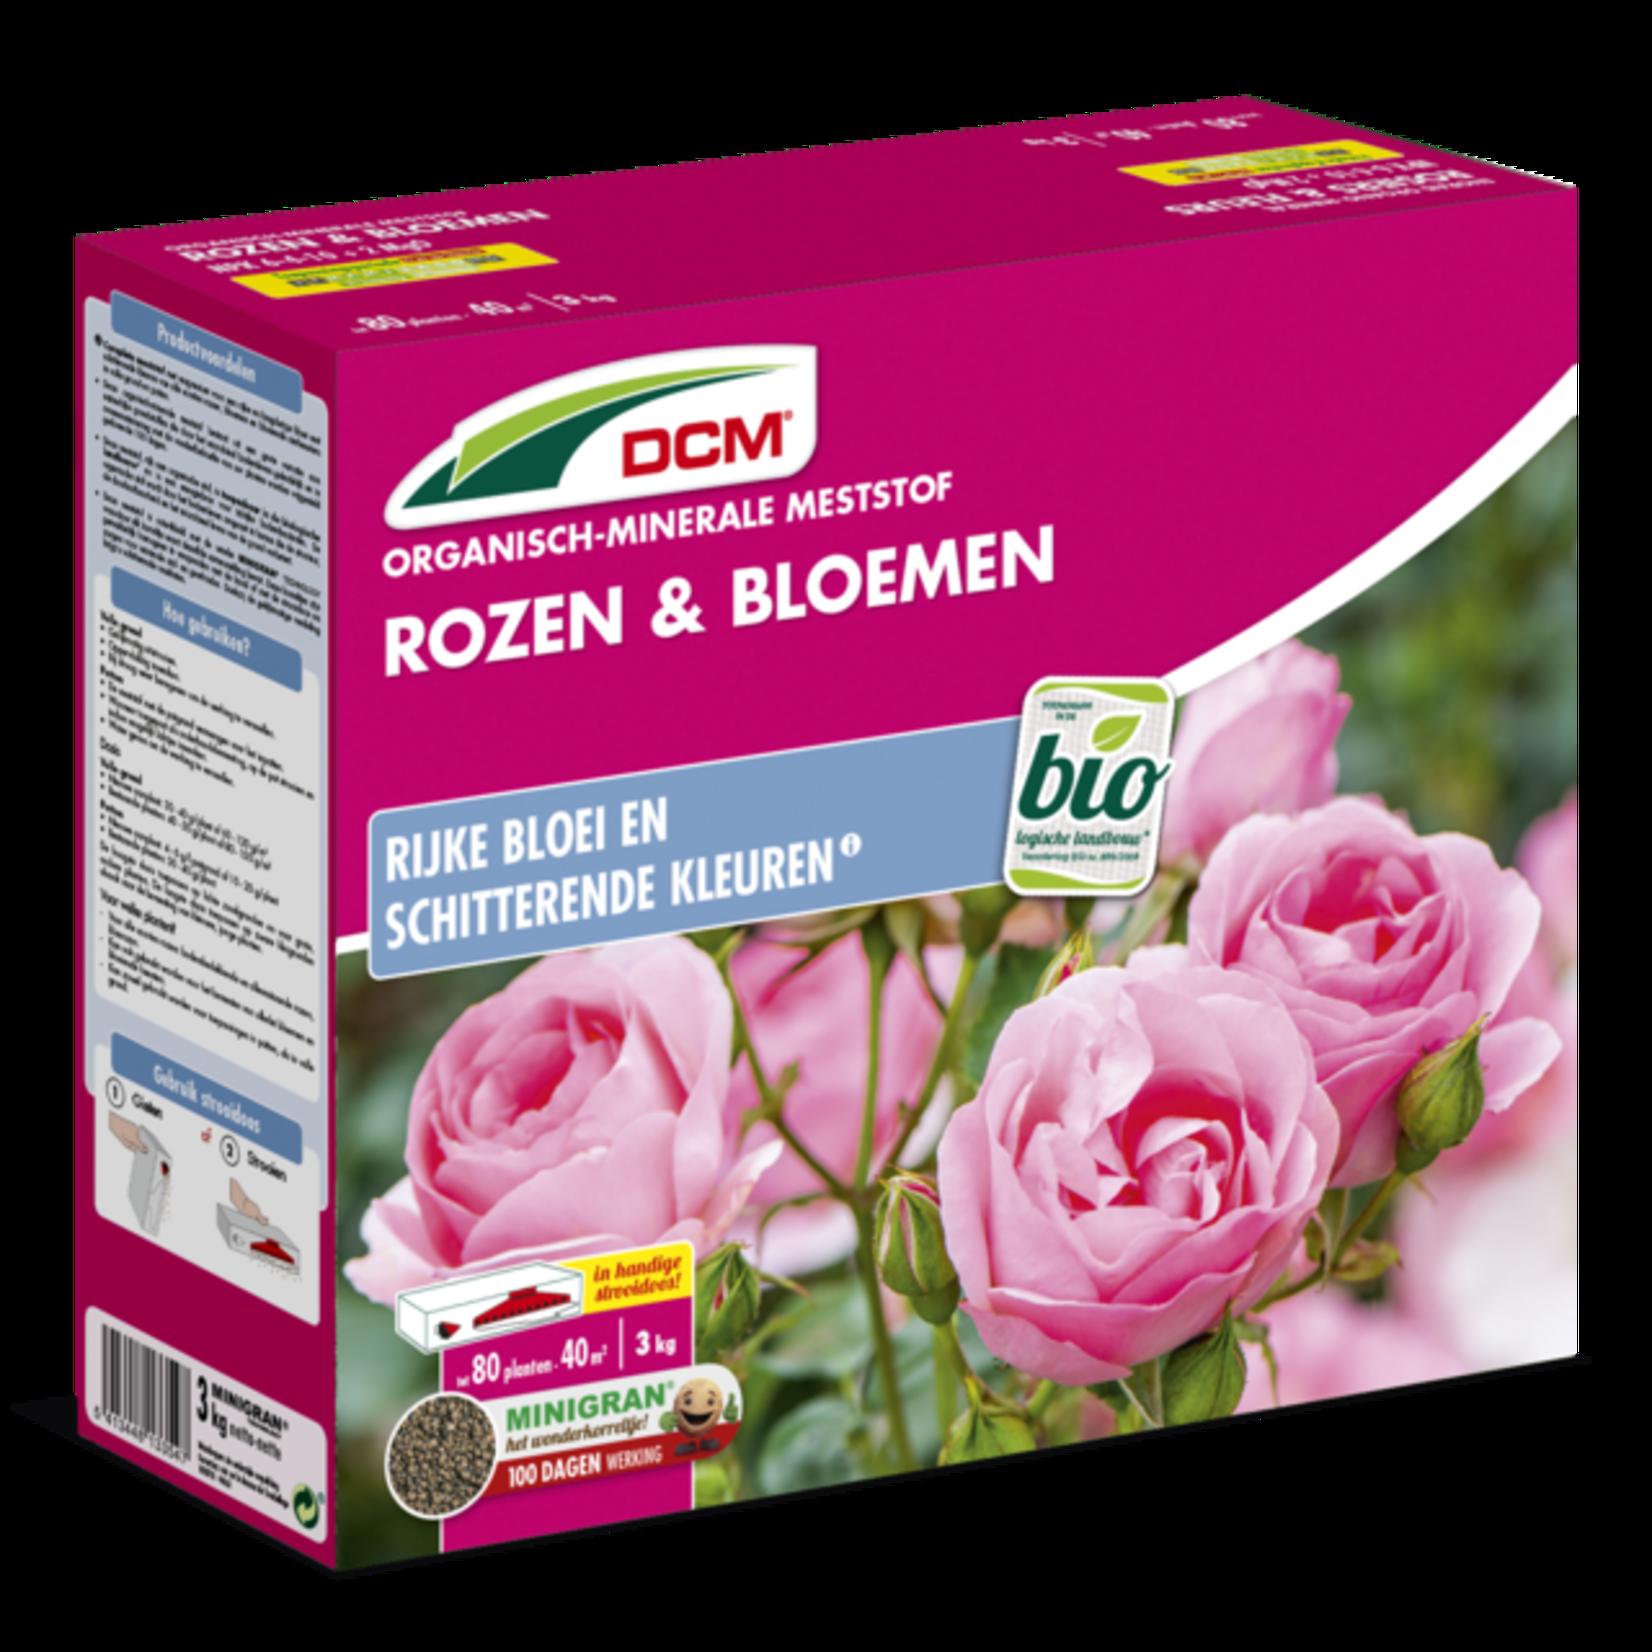 DCM Rozen en Bloemenmest